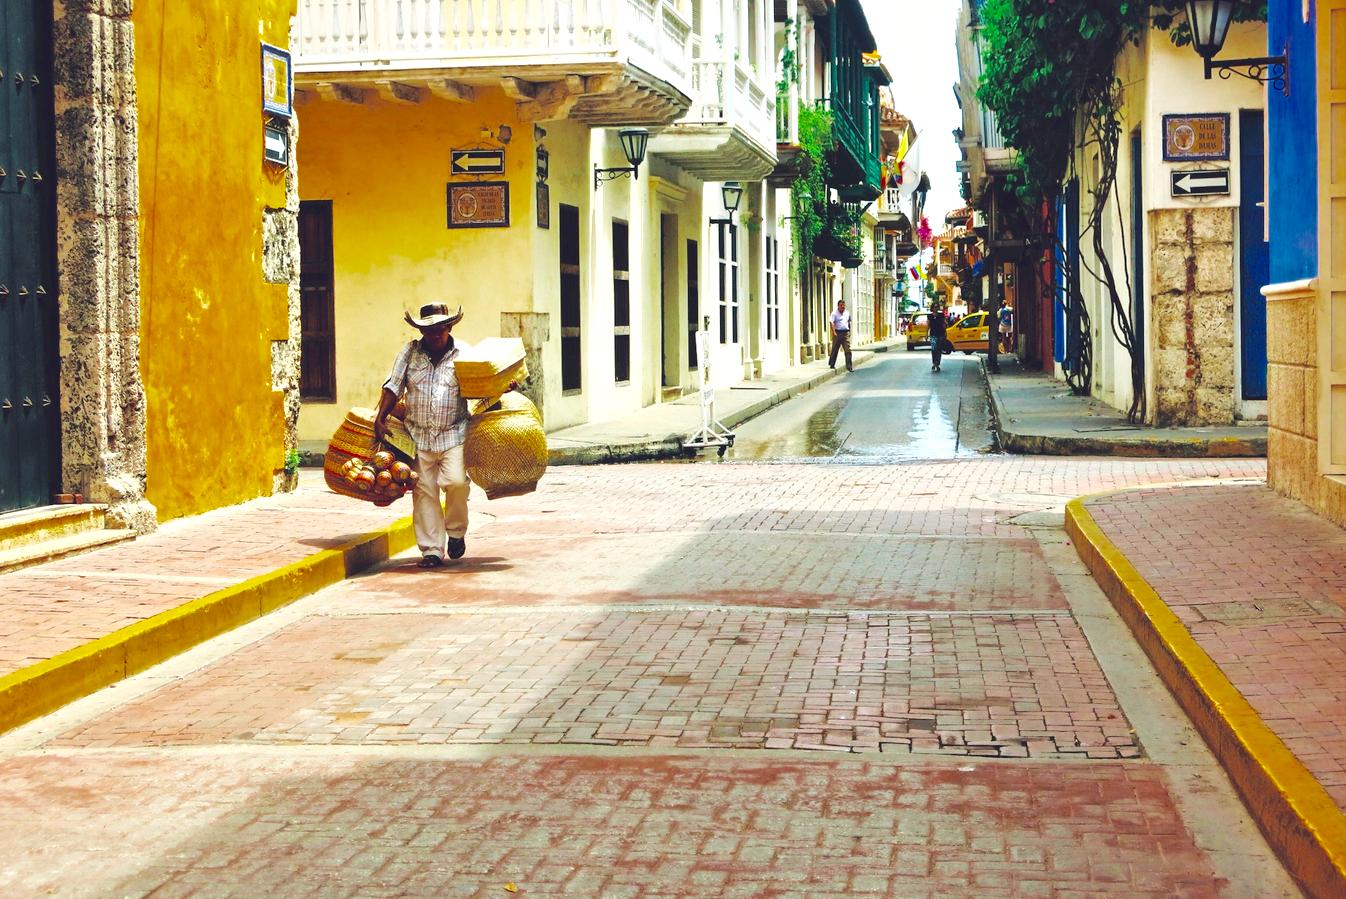 Emigreren Gran Canaria - Inspirerende Emigratieverhalen - Sabine in Colombia - Cartagena Colombia.jpg